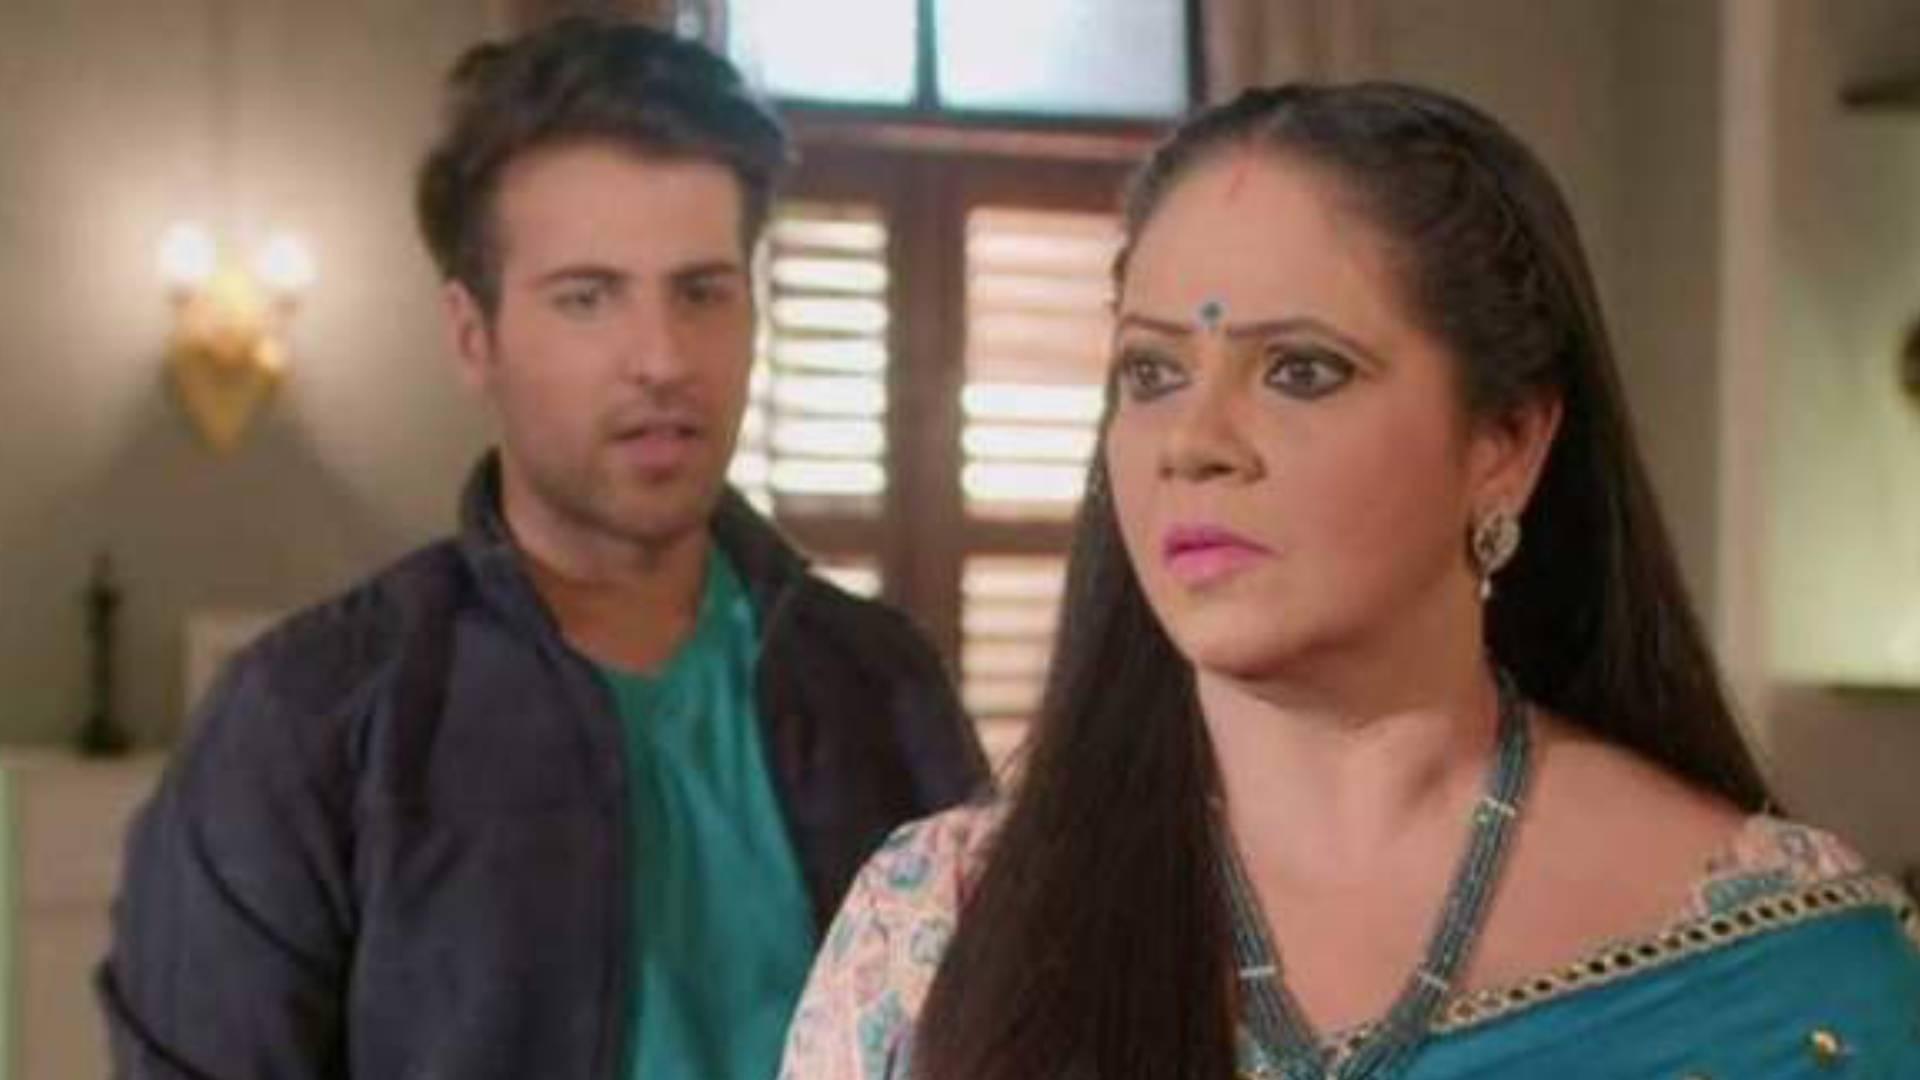 Yeh Rishtey Hain Pyaar Ke Spoiler Alert: मिष्टी-अबीर की शादी में कुणाल खड़ी करेगा परेशानी, आएगा ये ट्विस्ट